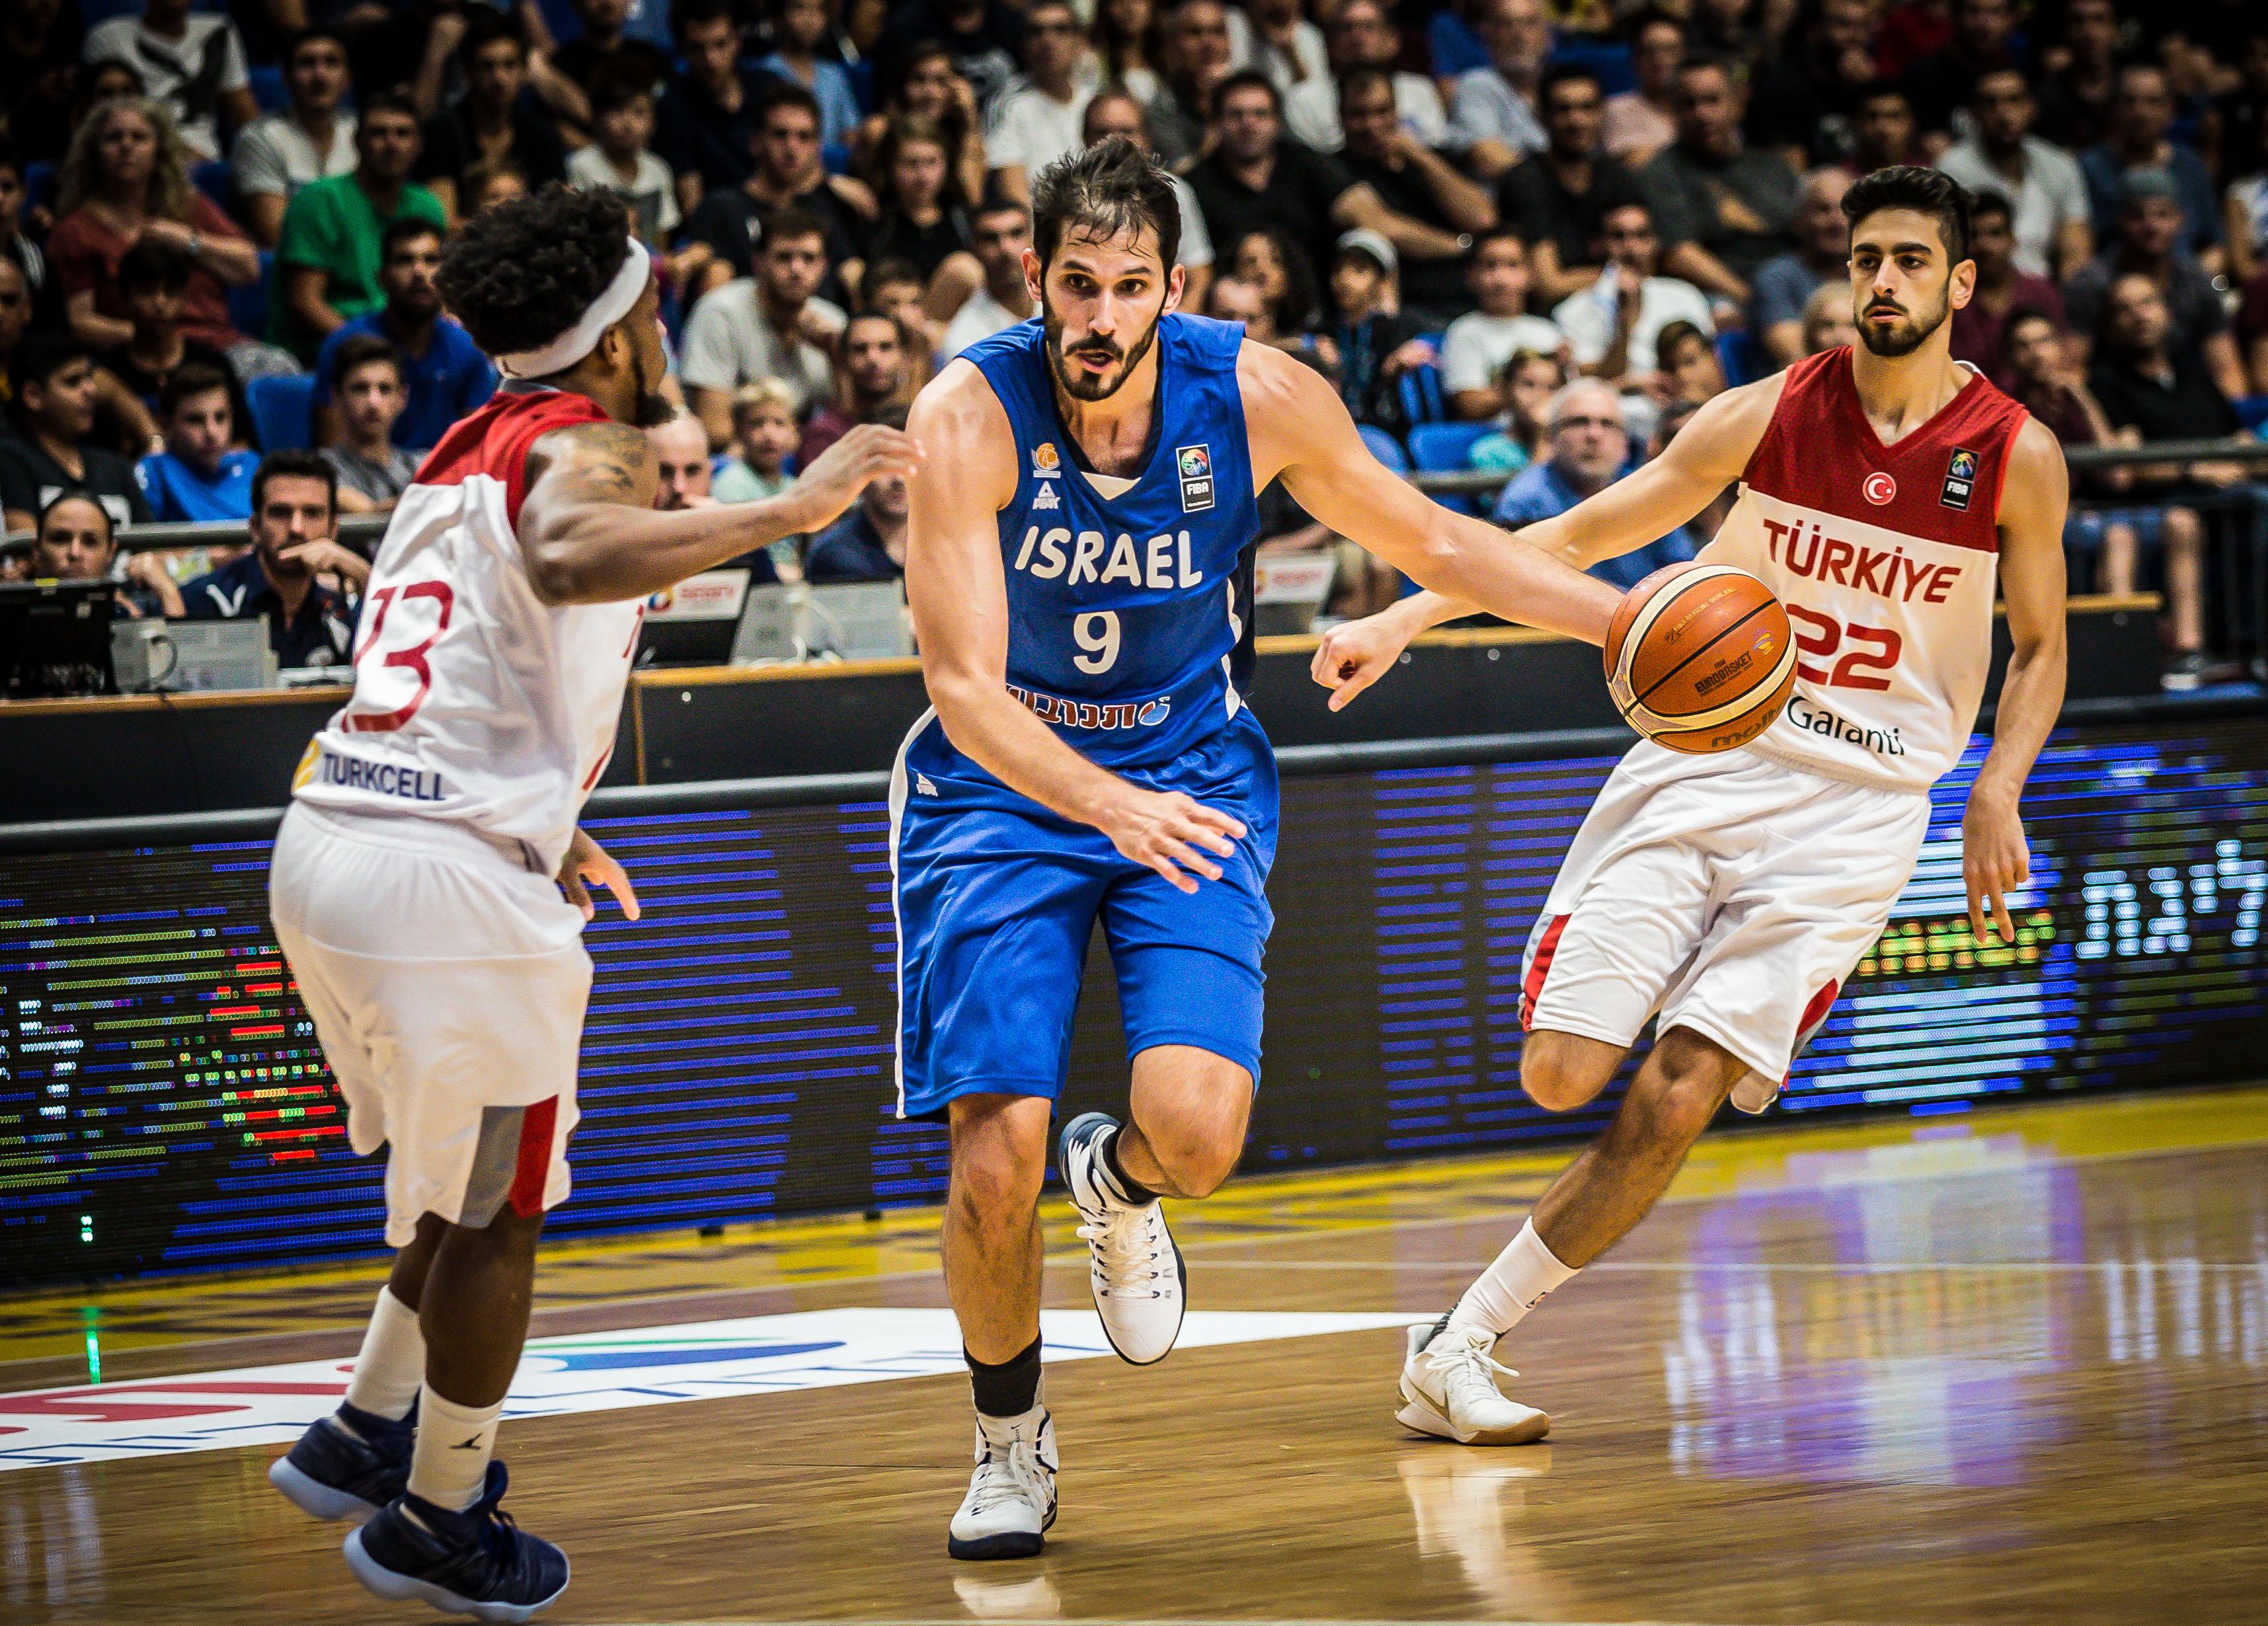 הפסד ראשון לנבחרת ישראל במשחקי ההכנה ליורובאסקט: 84-83 מול טורקיה